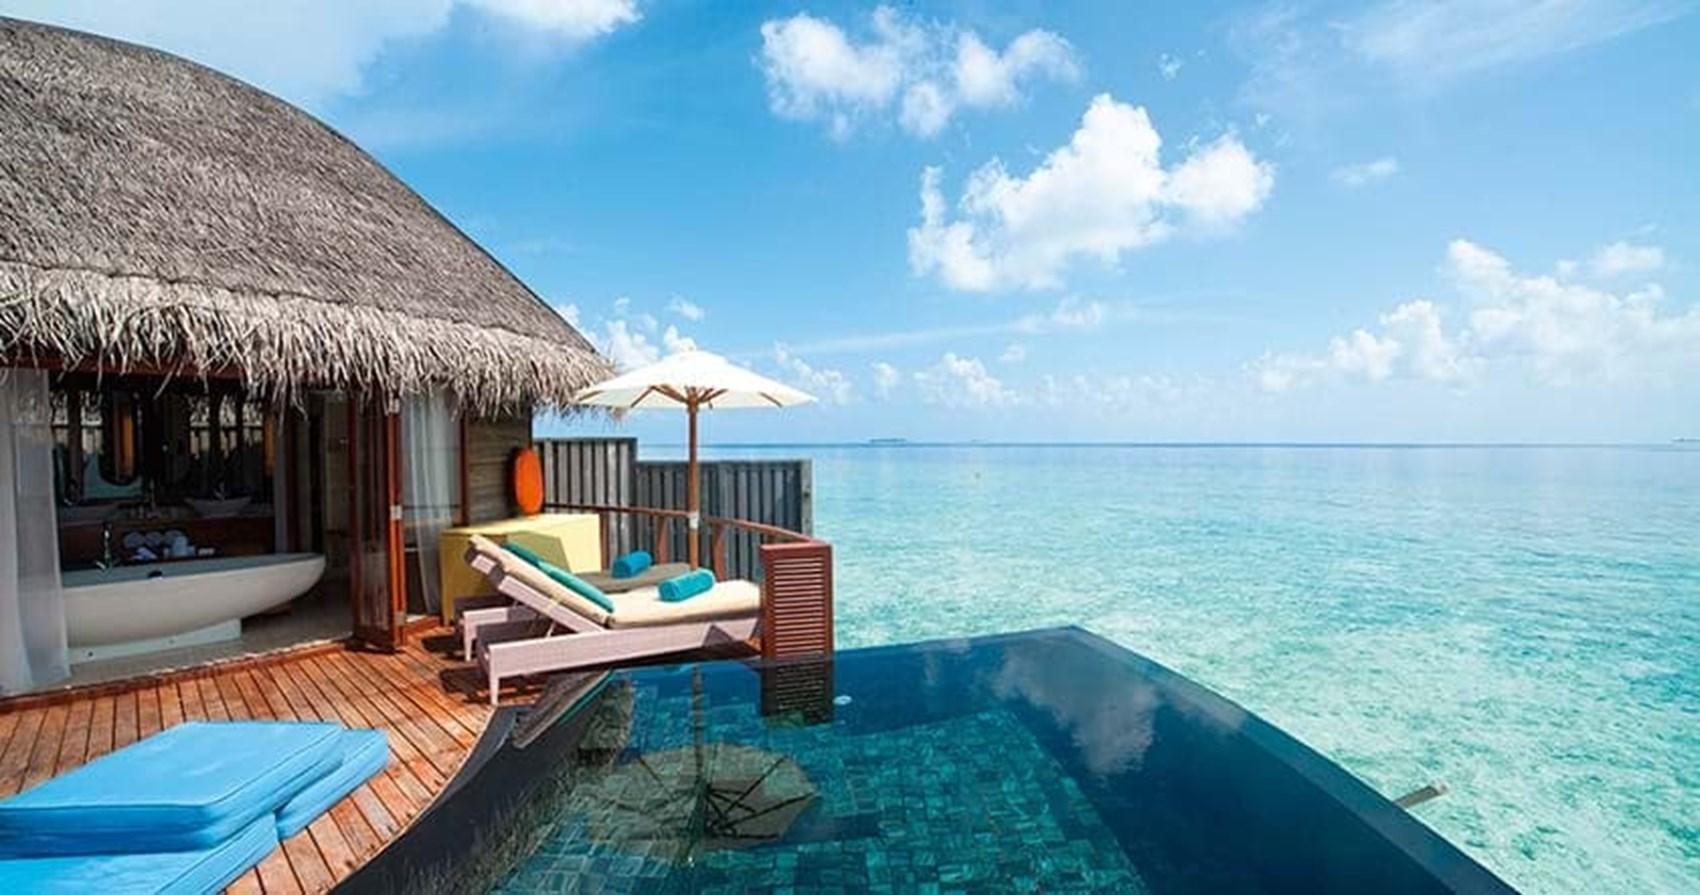 افضل الفنادق المتميزه في السعر في المالديف (7)